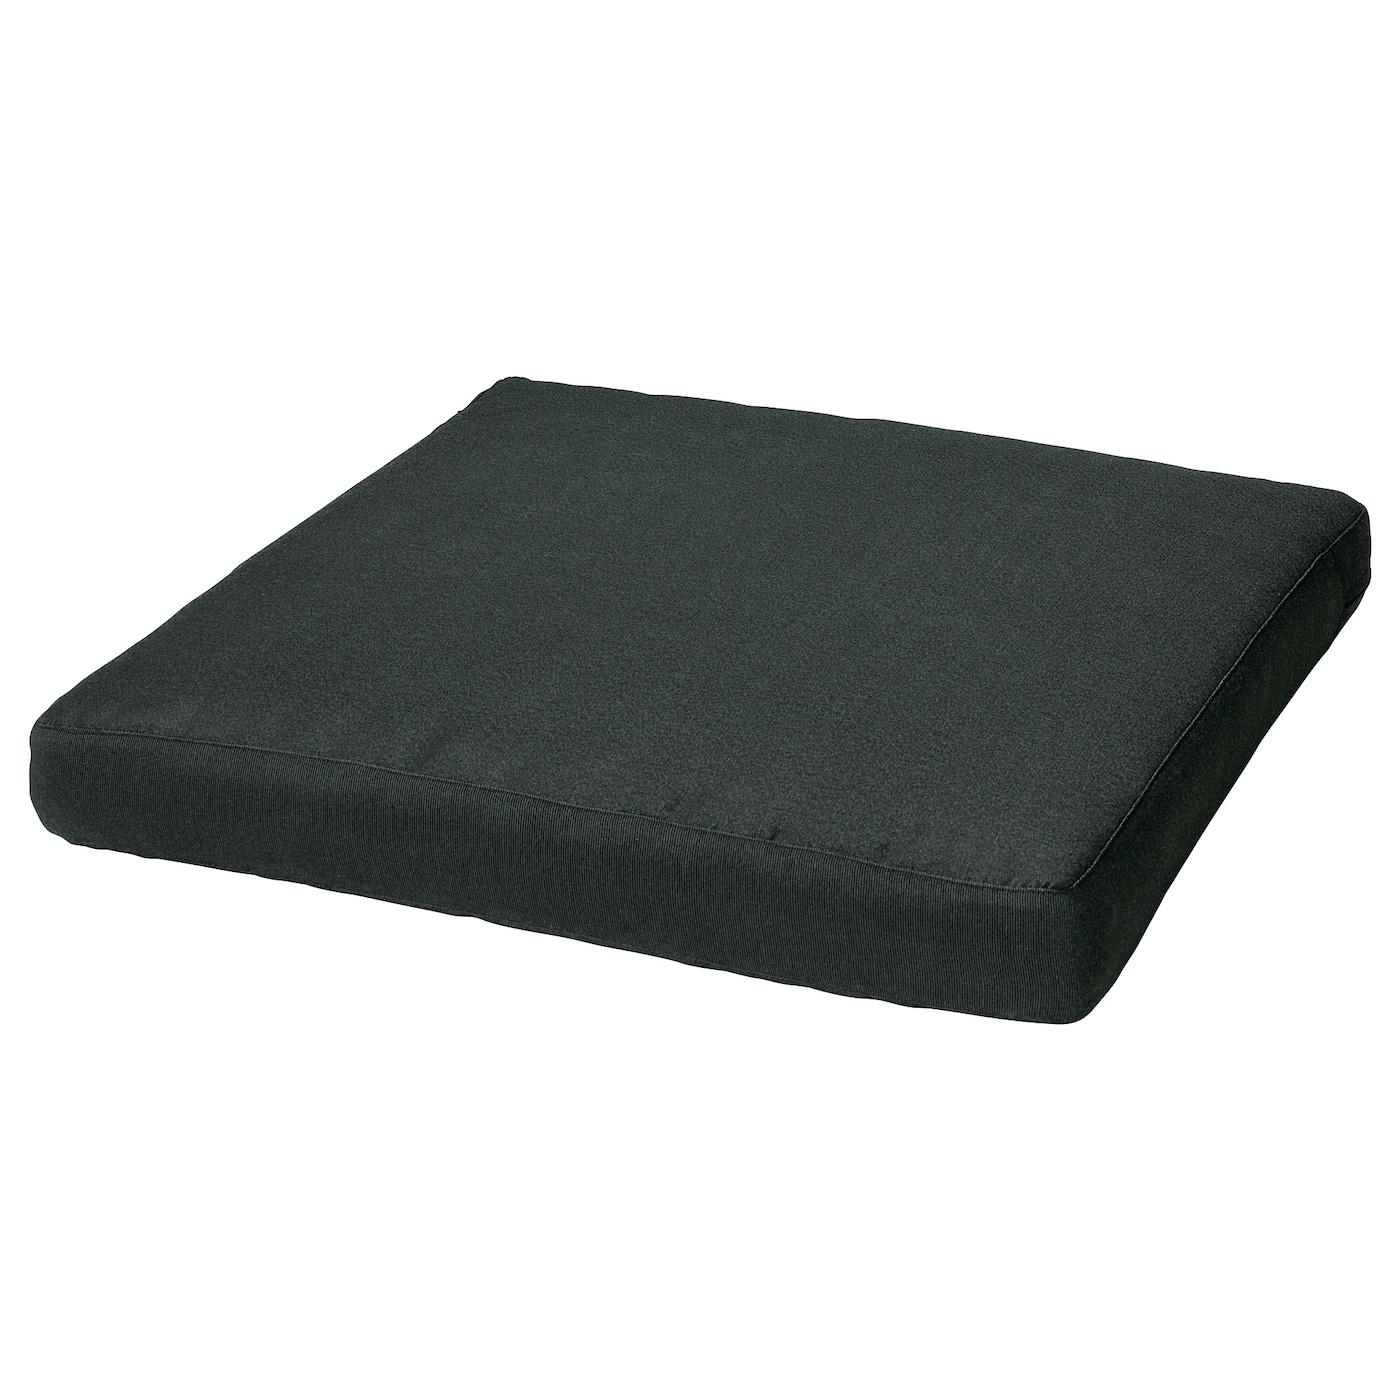 coussin fauteuil exterieur pouf geant gifi inspirant. Black Bedroom Furniture Sets. Home Design Ideas